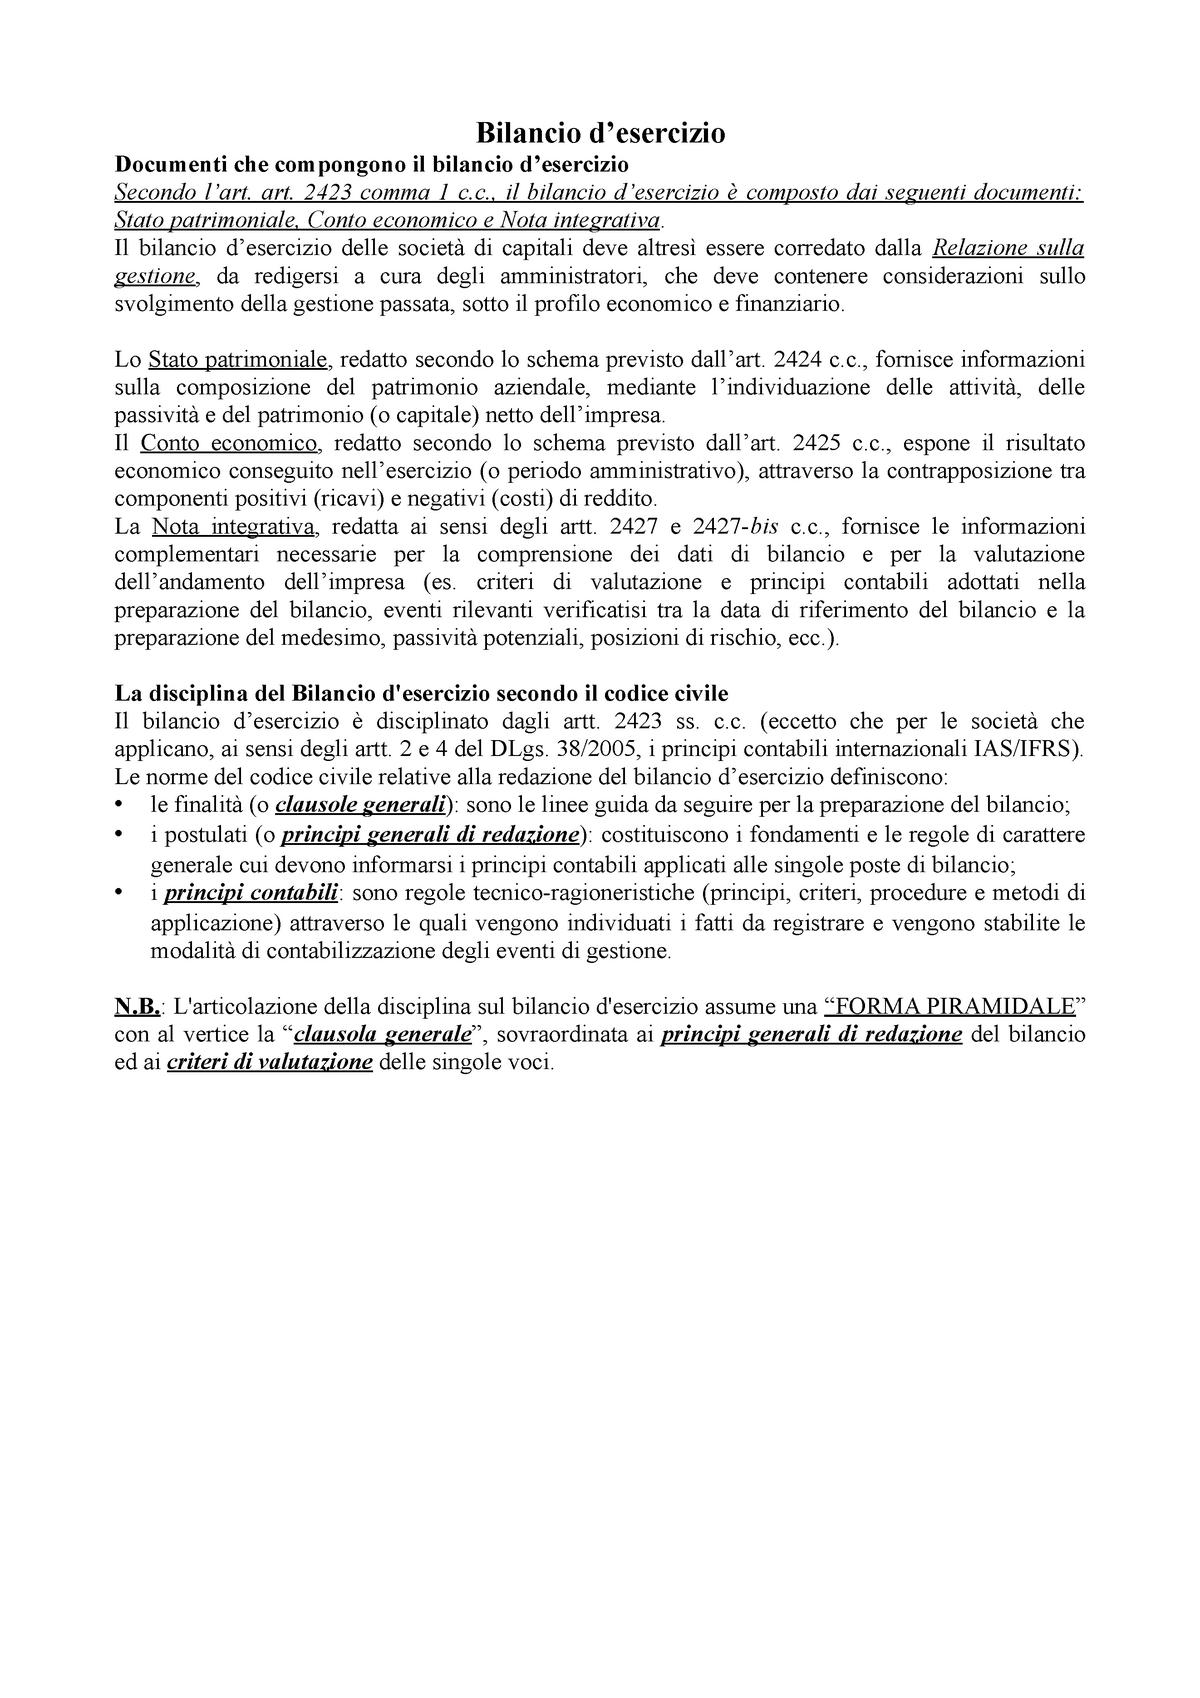 Il Bilancio D Esercizio Di Cagno A000073 Studocu